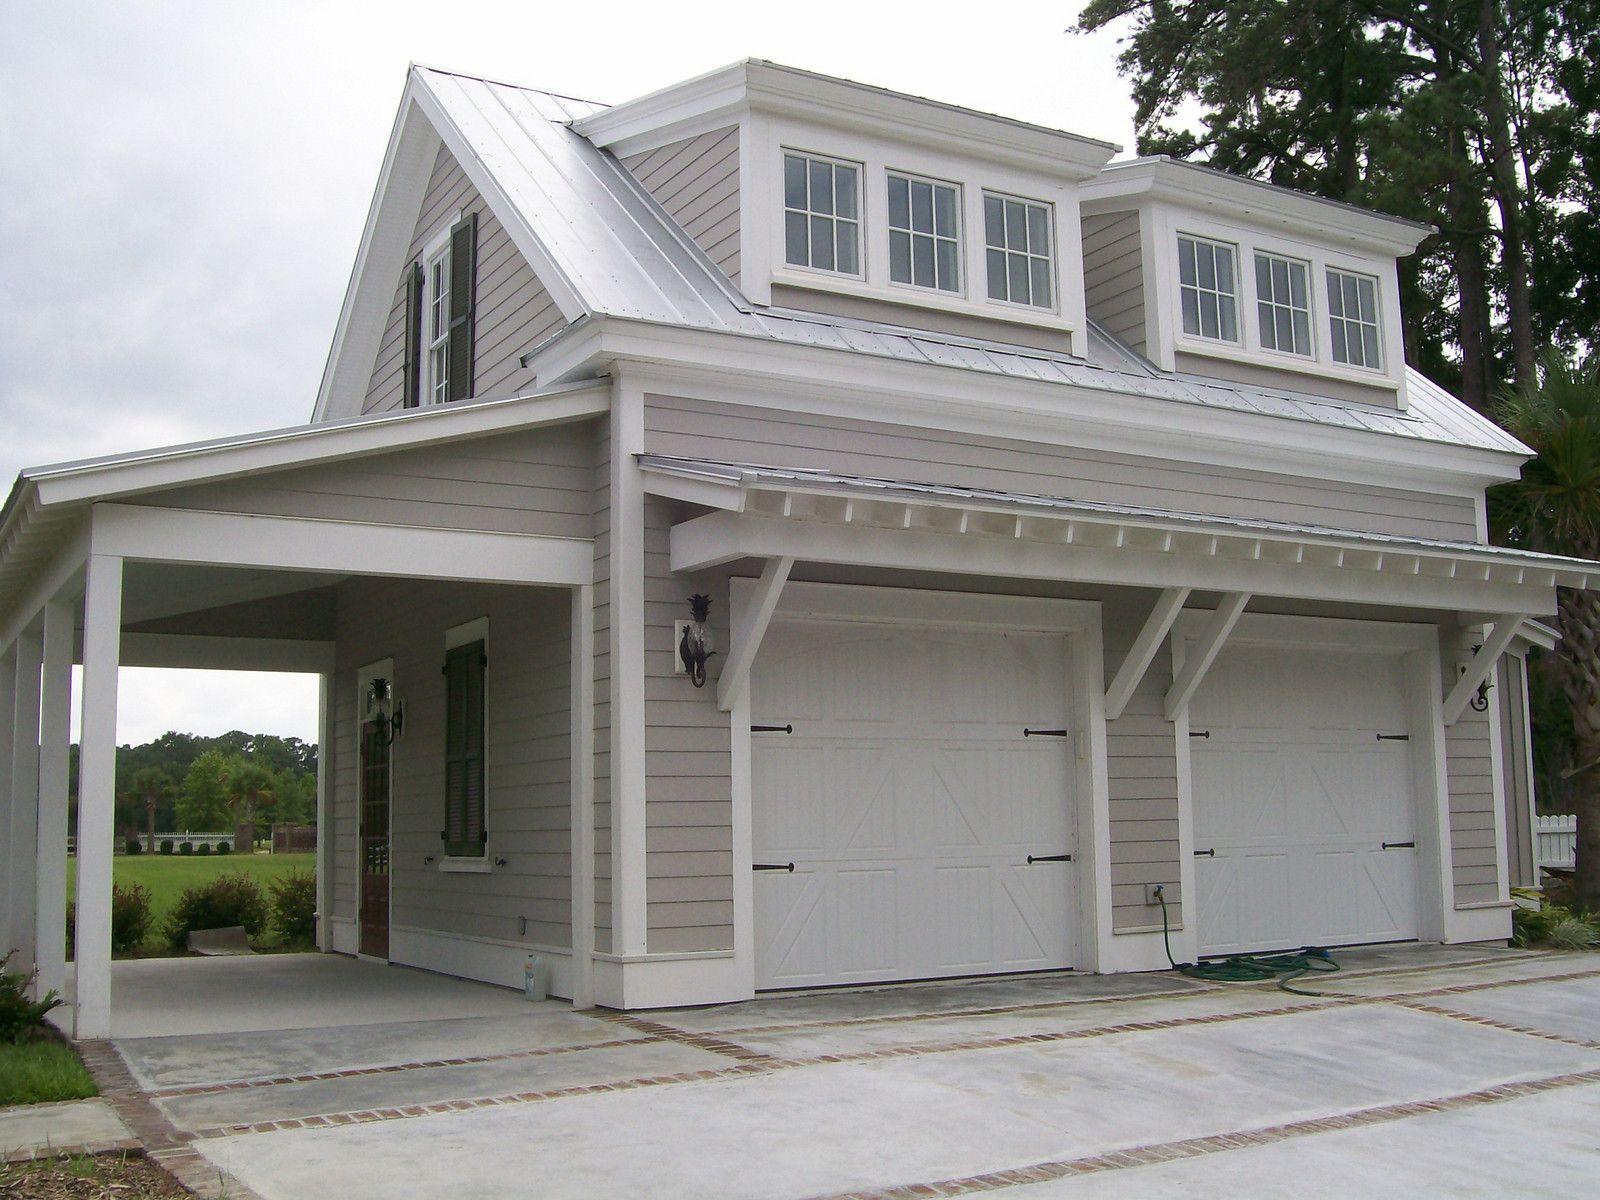 G0039 Allisonramseyarchitects Garage Apartment Plans Garage